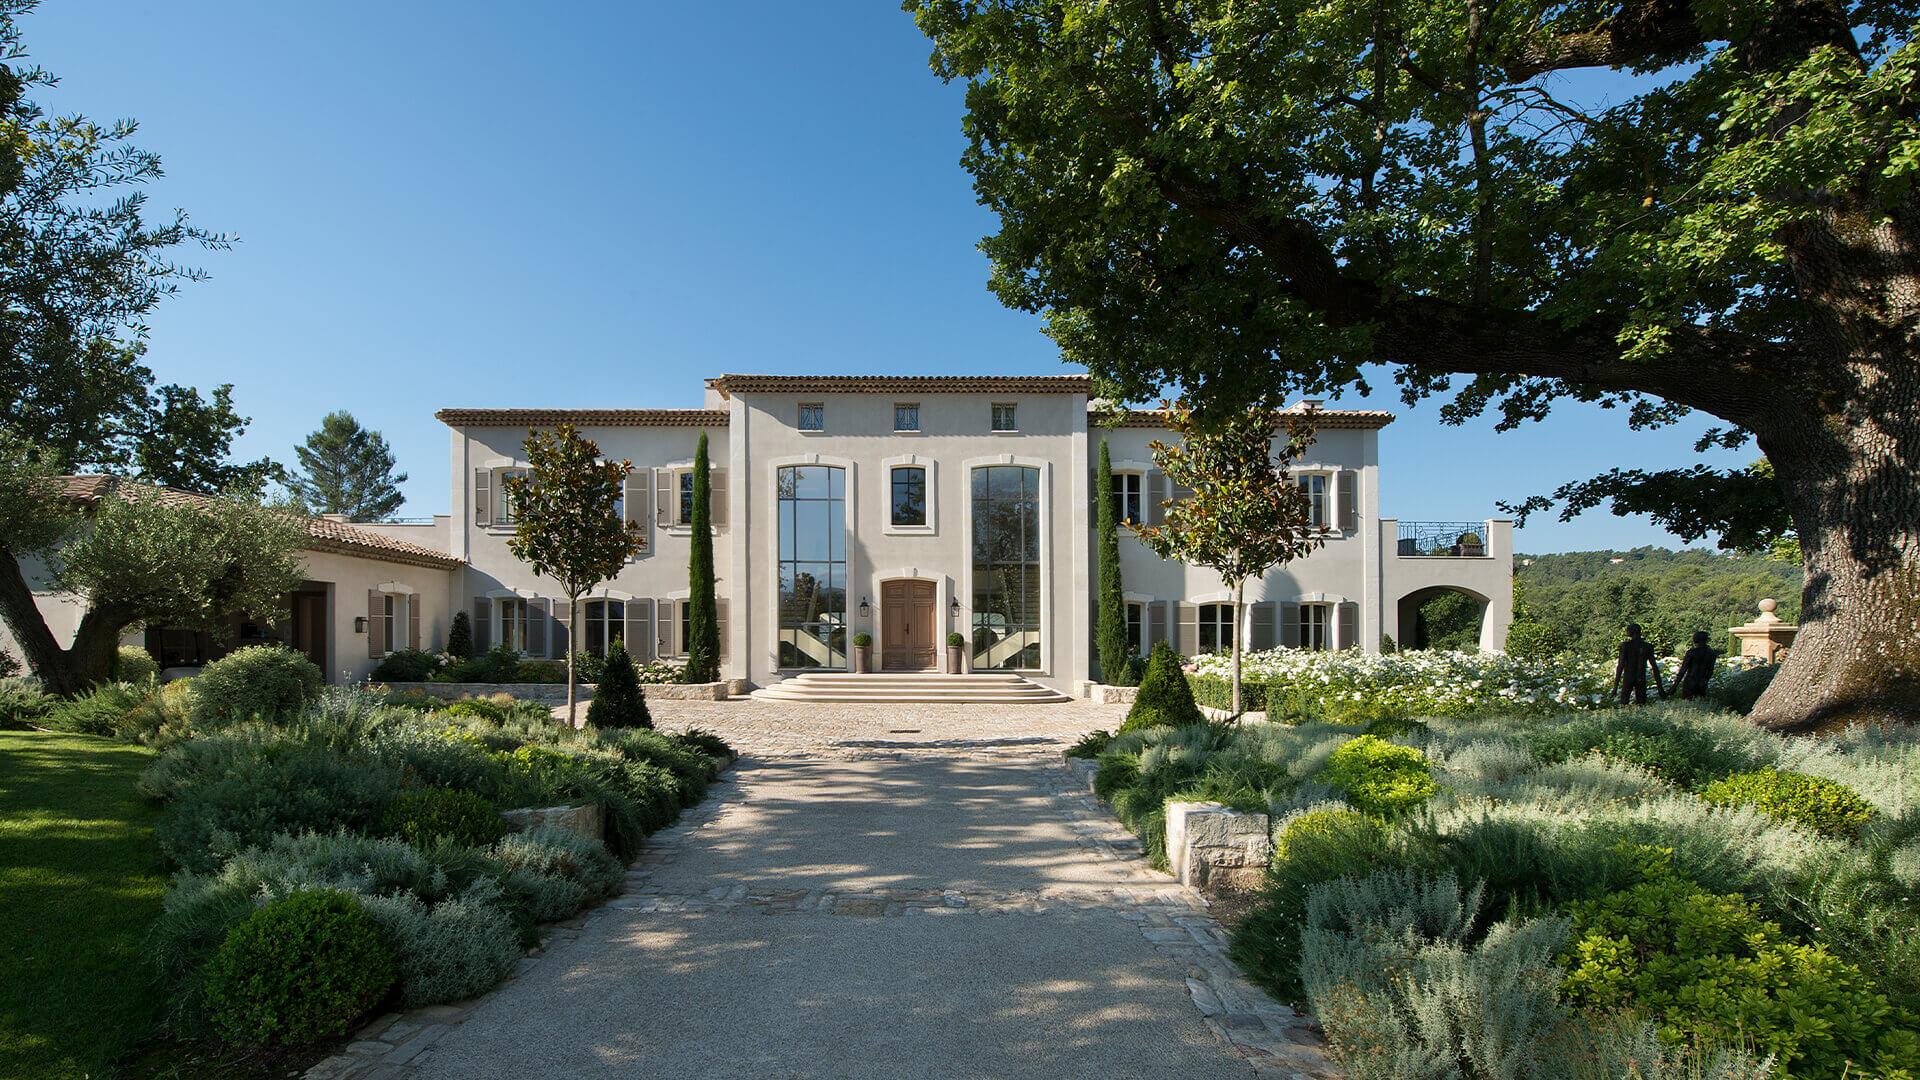 Villa Fayence entrance and garden